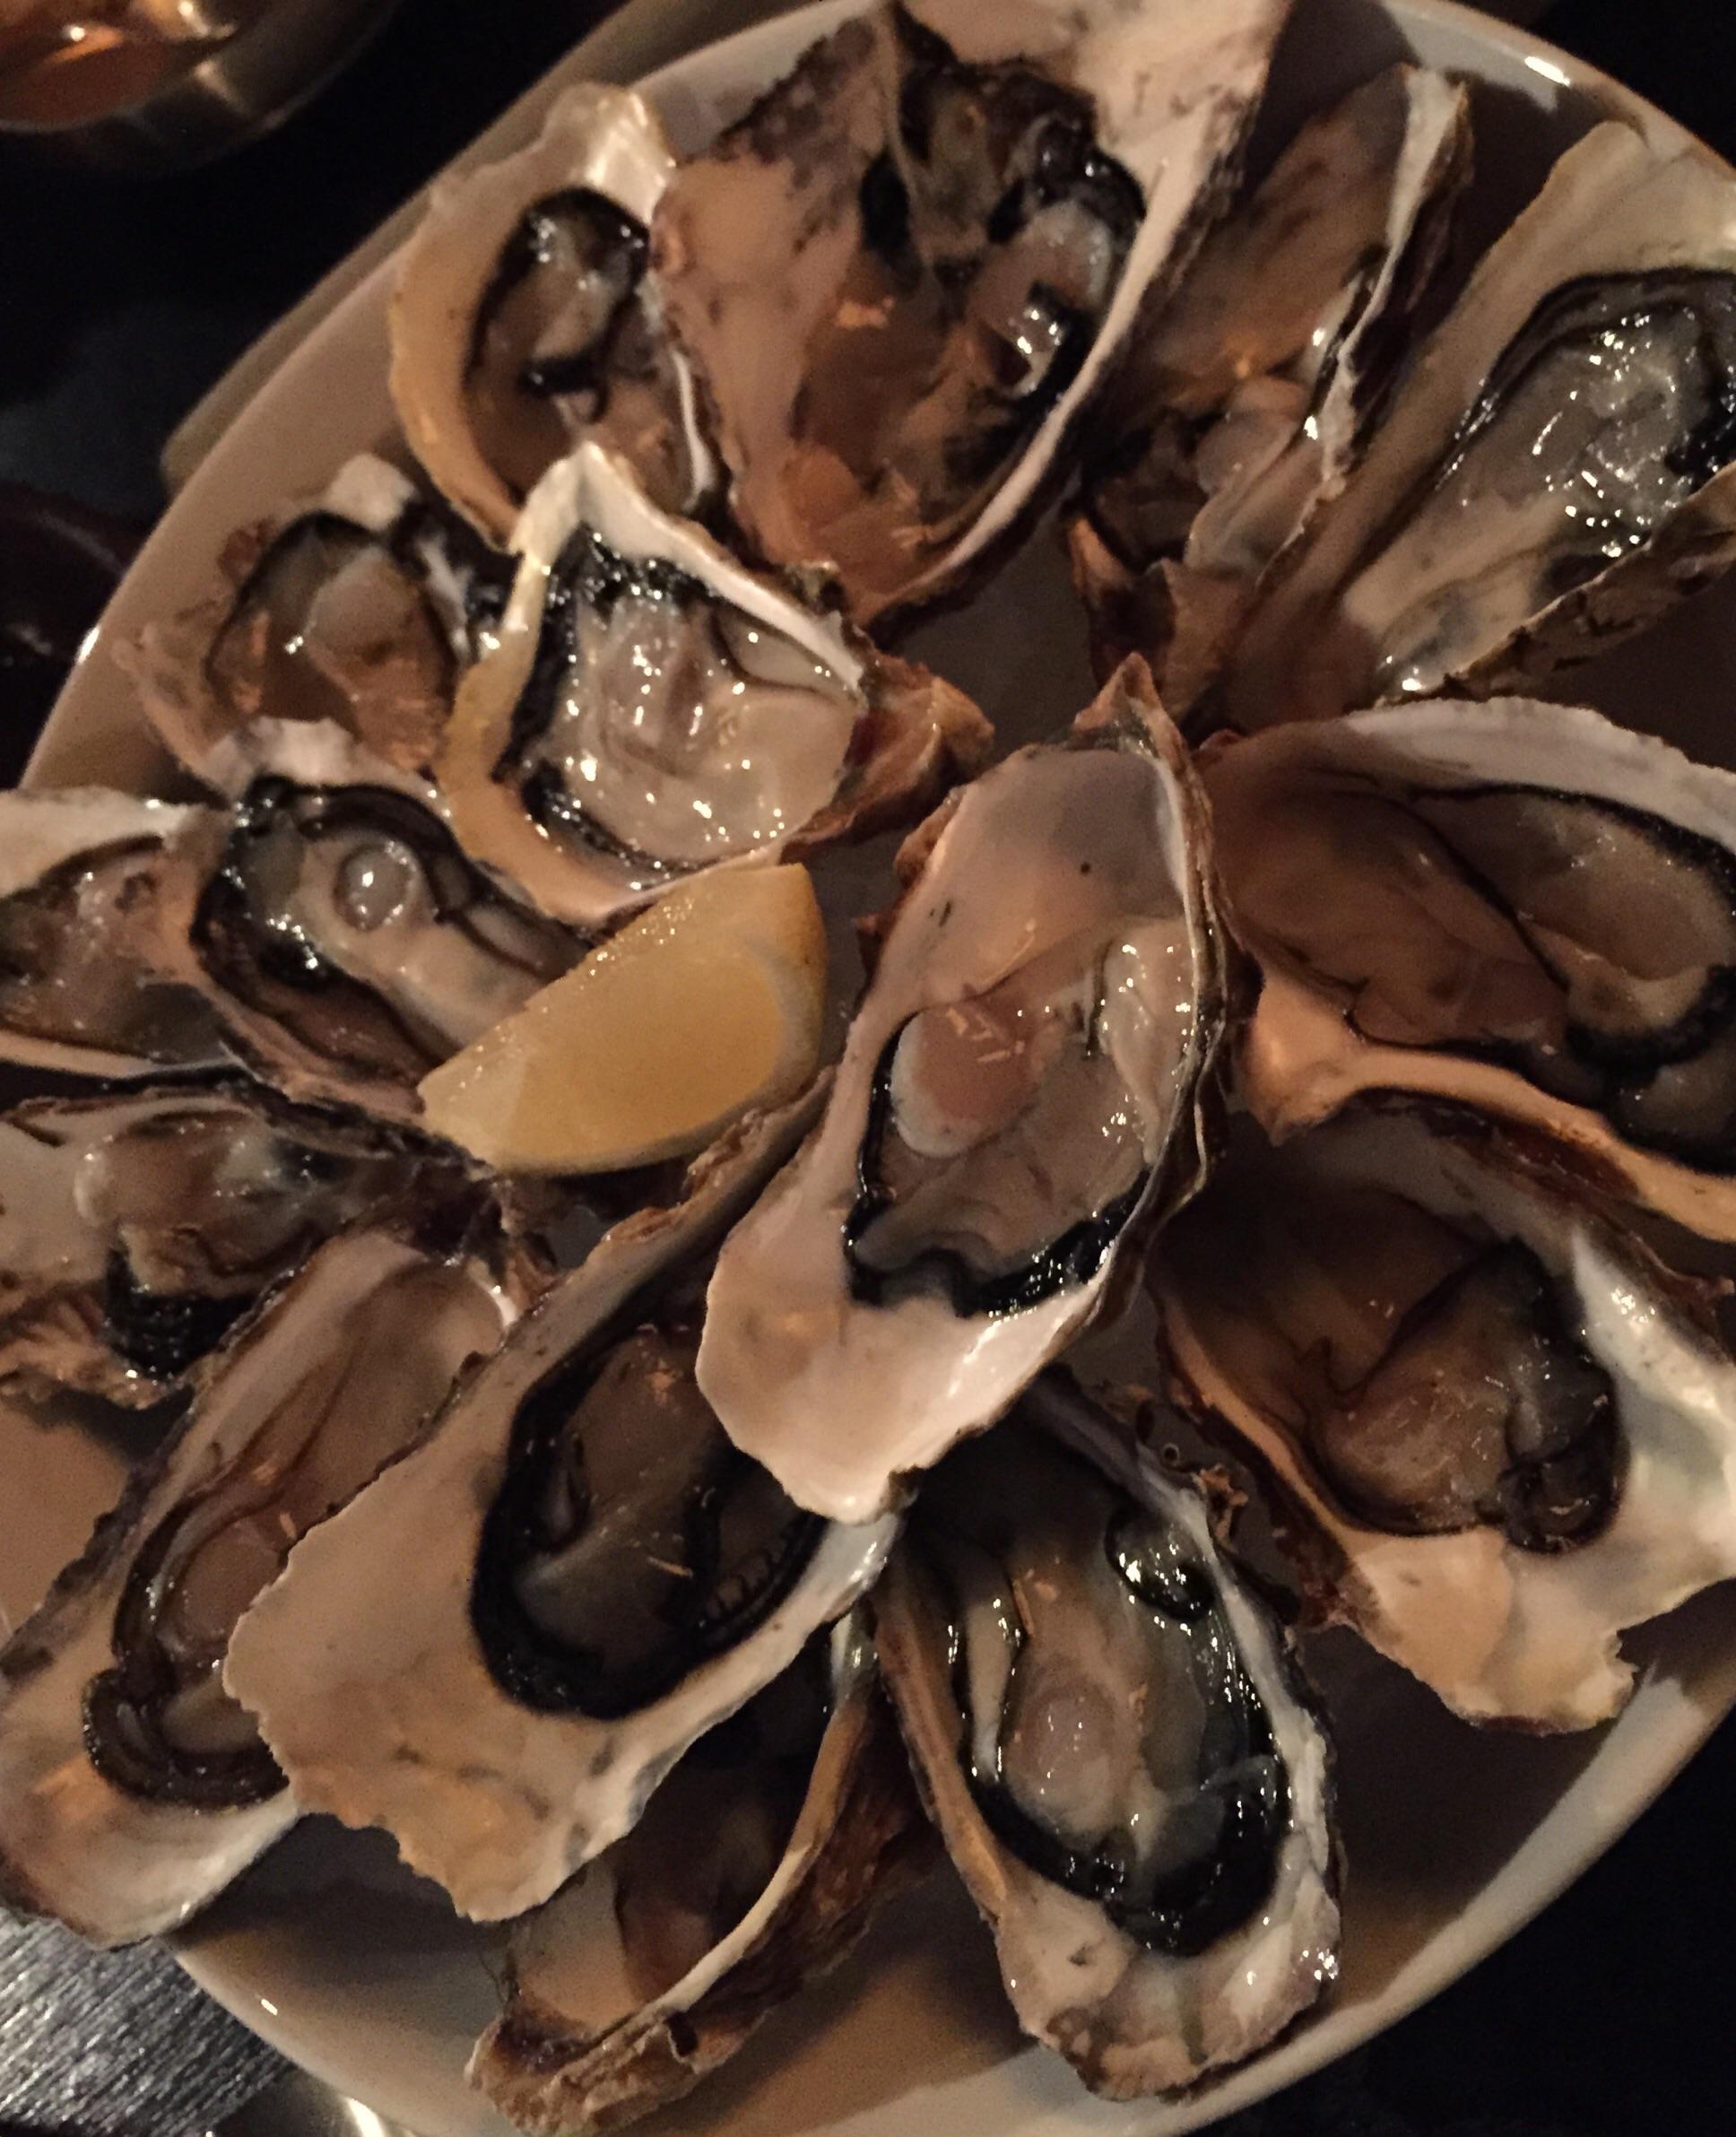 생굴 (Seng Gool) - Raw Oysters. 16 pieces for can't remember how much. This was an off the menu order because it was in season.